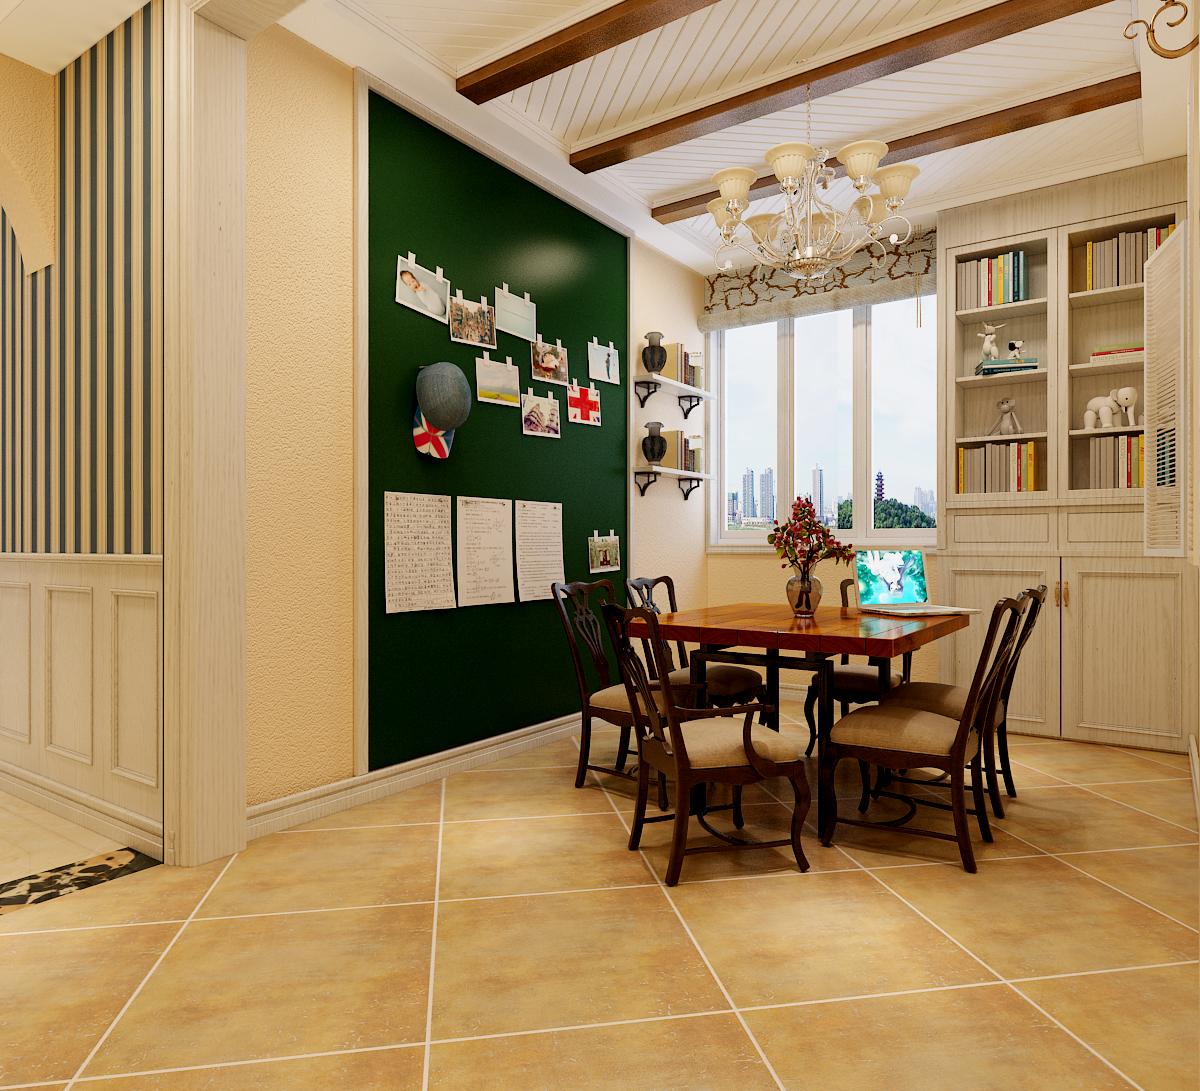 餐厅位置比较空旷,在顶部位置做假梁造型进行装点,一侧的墙面粉刷墨图片